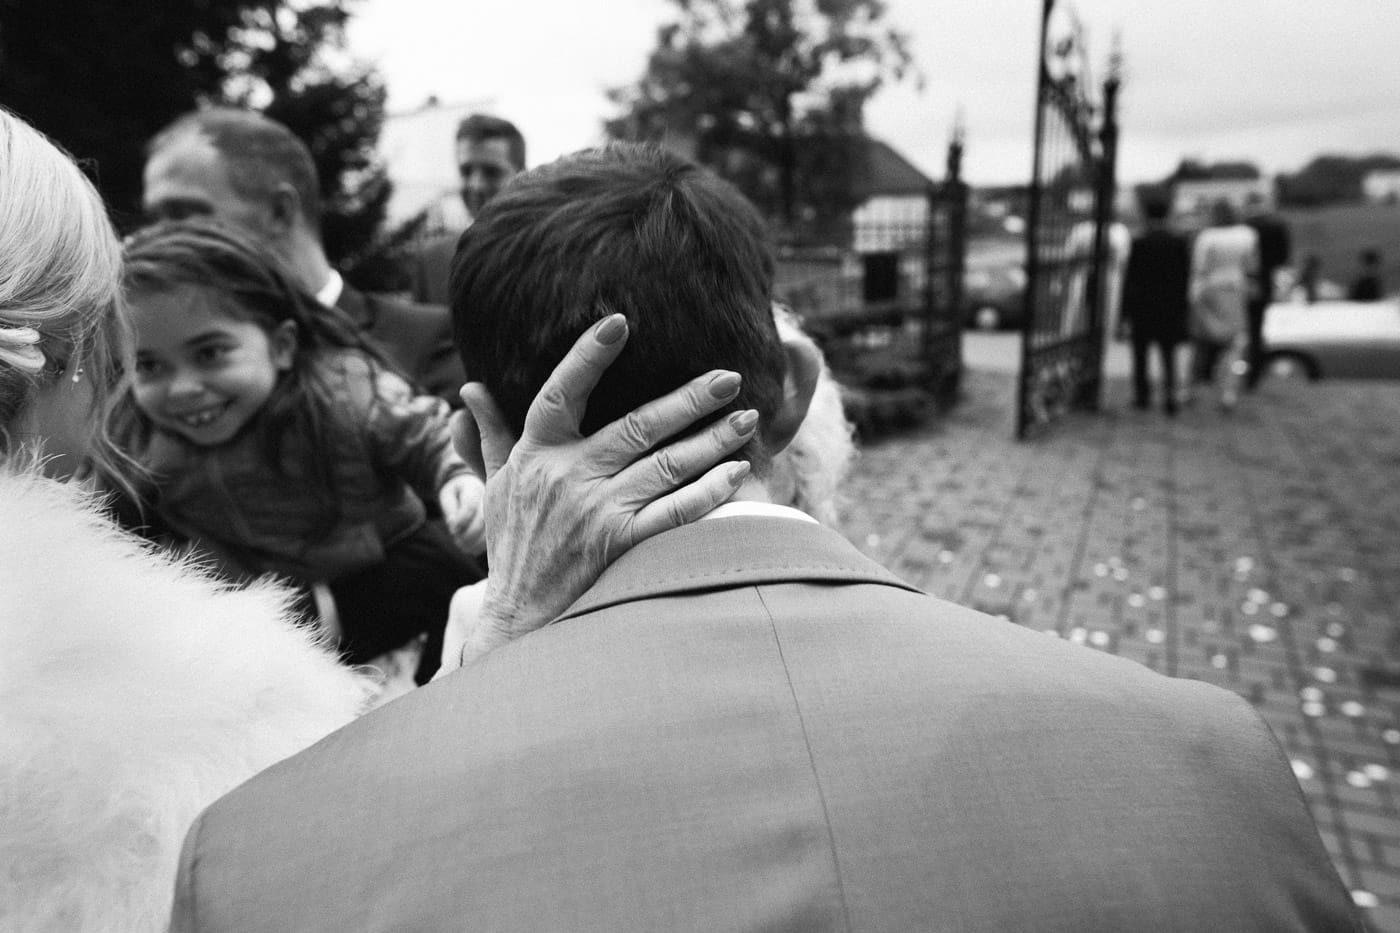 Maciej Sobol fotograf ślubny Toruń Kujawsko Pomorskie 30 1400x933 - Patrycja & Michał - fotografia ślubna [Ciechocin / Toruń]